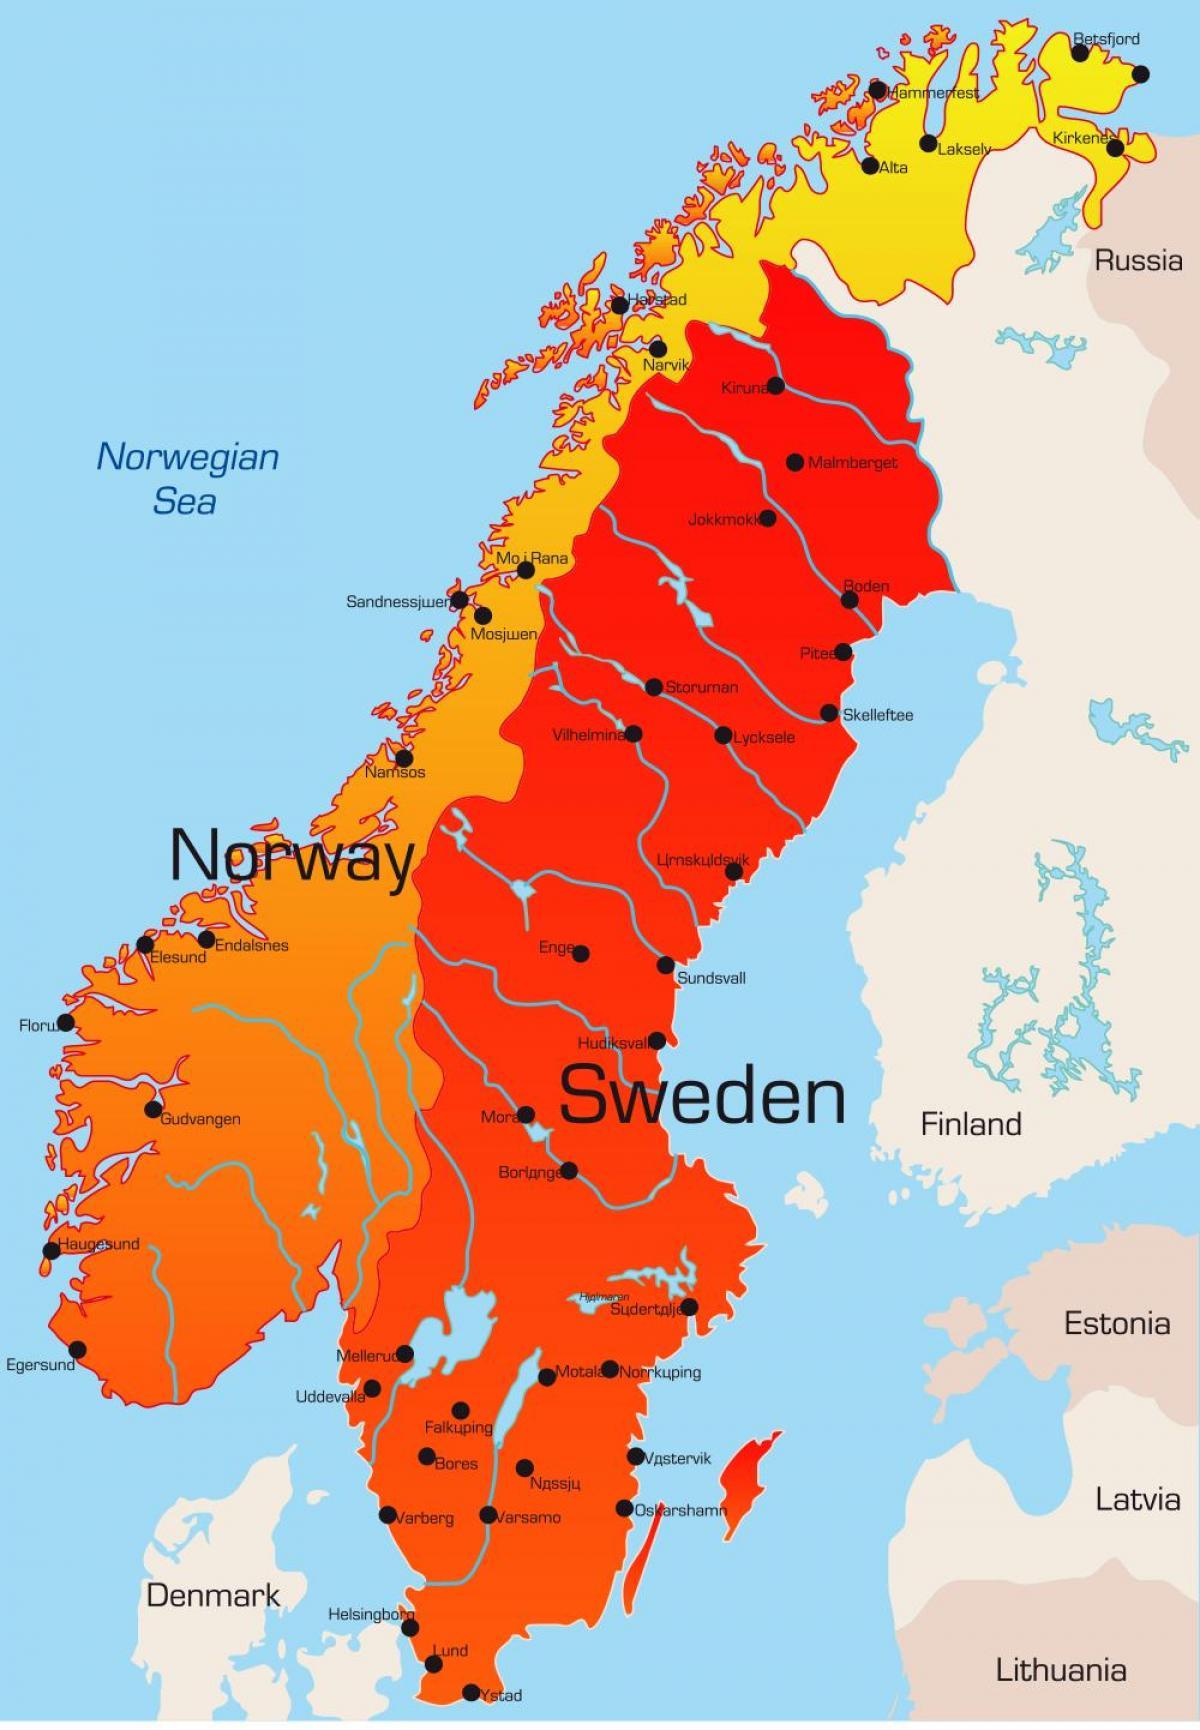 svensk kart Sverige kart byer   Kart over Sverige med byer (Northern Europe  svensk kart